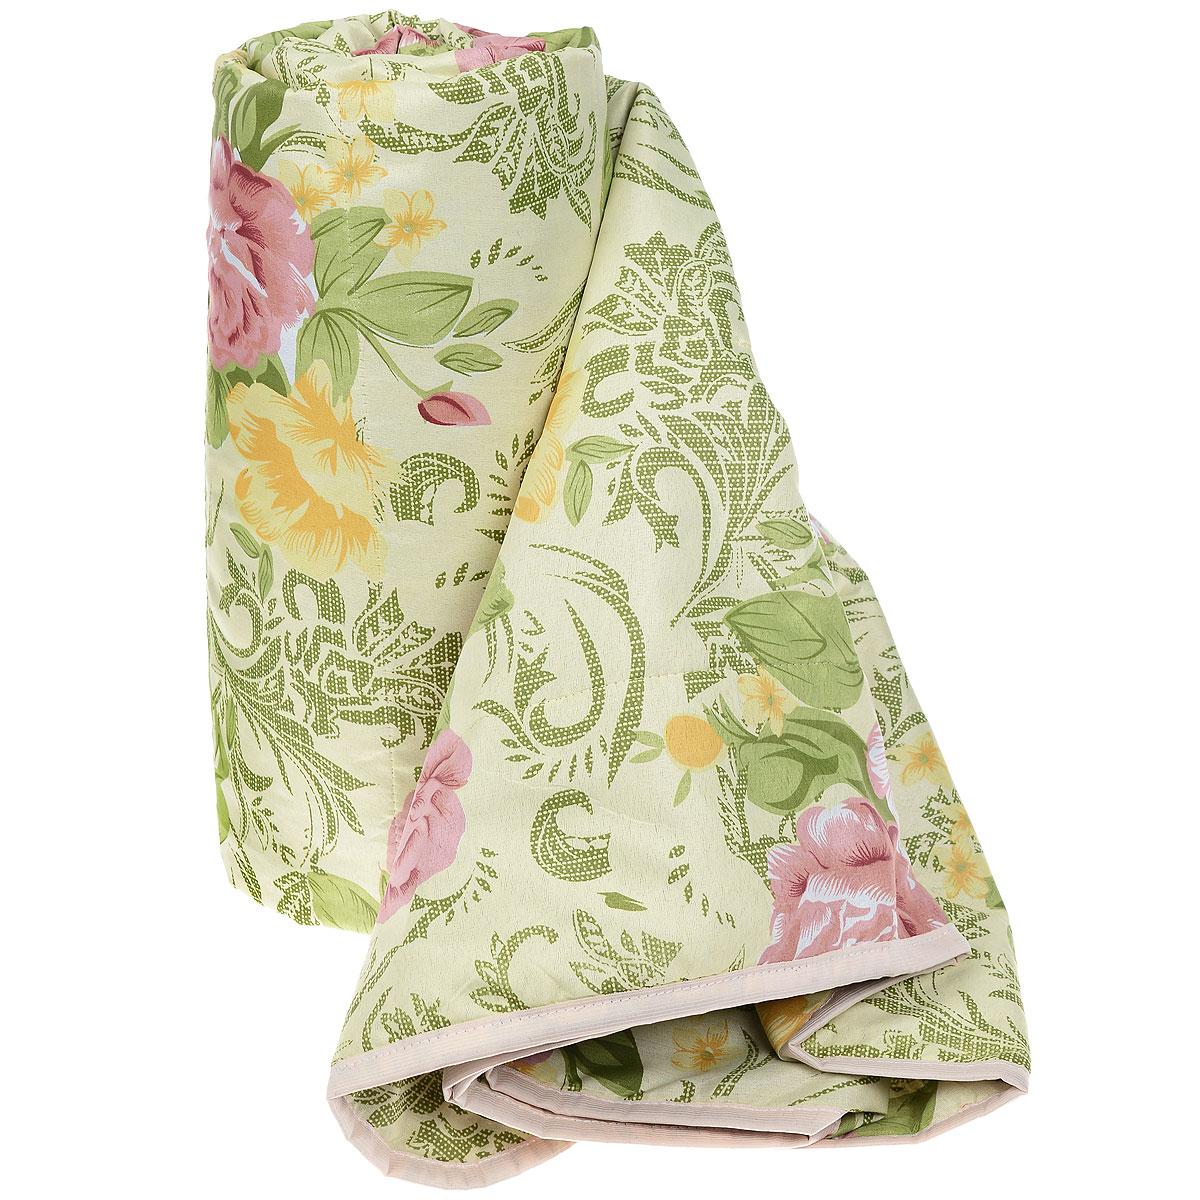 Одеяло летнее OL-Tex Miotex, наполнитель: холфитекс, цвет: зеленый, розовый, 200 см х 220 см. МХПЭ-22-1МХПЭ-22-1_зеленый, розовые розыЛегкое летнее одеяло OL-Tex Miotex создаст комфорт и уют во время сна. Чехол выполнен из полиэстера и оформлен красочным цветочным рисунком. Внутри - современный наполнитель из полиэфирного высокосиликонизированного волокна холфитекс, упругий и качественный. Прекрасно держит тепло. Одеяло с наполнителем холфитекс легкое и комфортное. Даже после многократных стирок не теряет свою форму, наполнитель не сбивается, так как одеяло простегано и окантовано.Рекомендации по уходу:- Ручная и машинная стирка при температуре 30°С.- Не гладить.- Не отбеливать. - Нельзя отжимать и сушить в стиральной машине.- Сушить вертикально. Размер одеяла: 200 см х 220 см. Материал чехла: 100% полиэстер. Материал наполнителя: холфитекс.